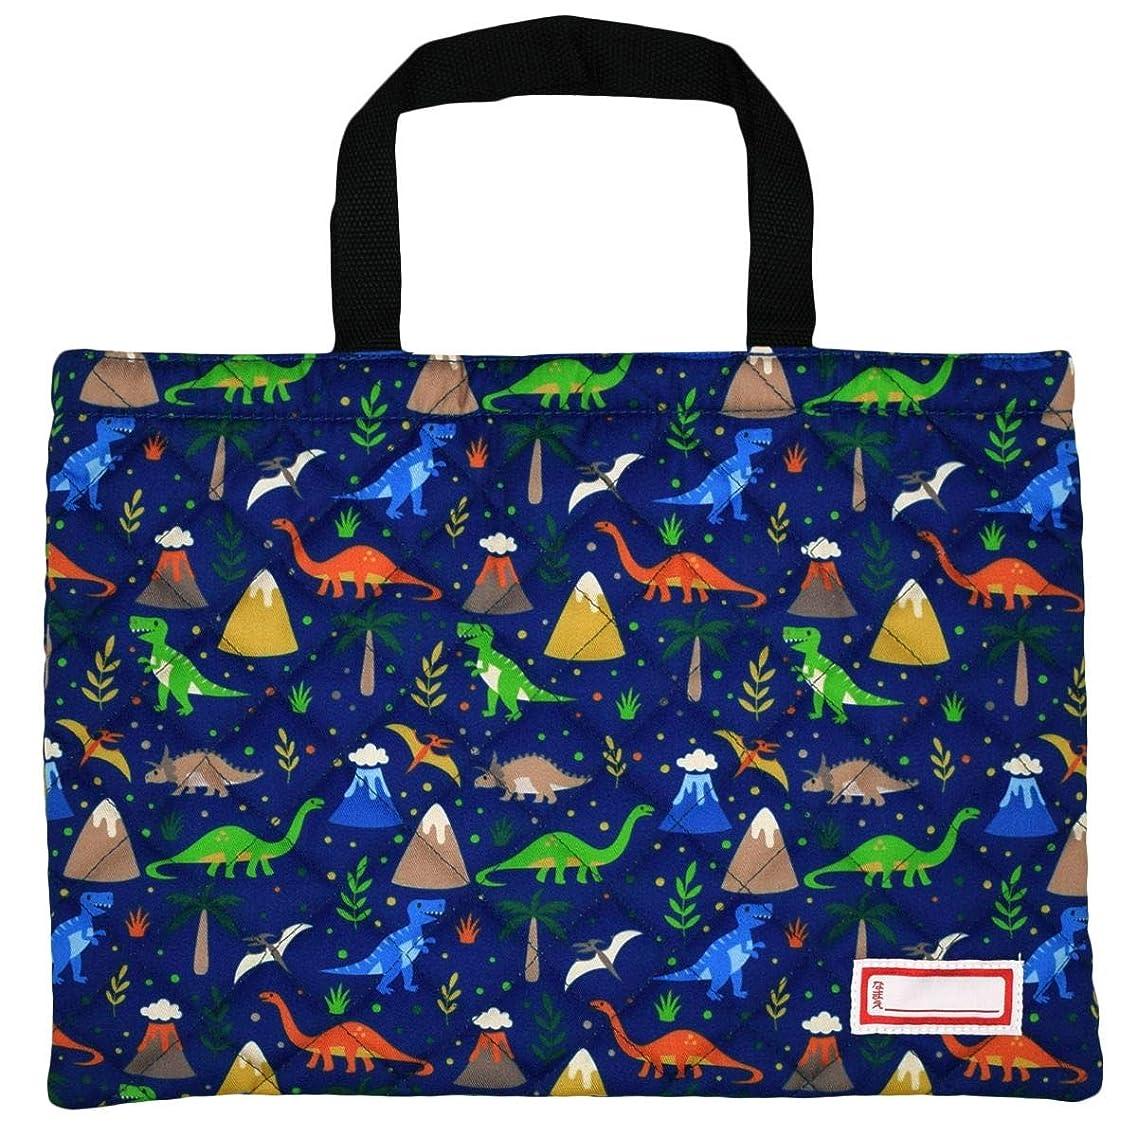 意味確執衝突アスナロ(バッグ) レッスンバッグ 男の子 きょうりゅう かばん トートバッグ キルティングF 恐竜